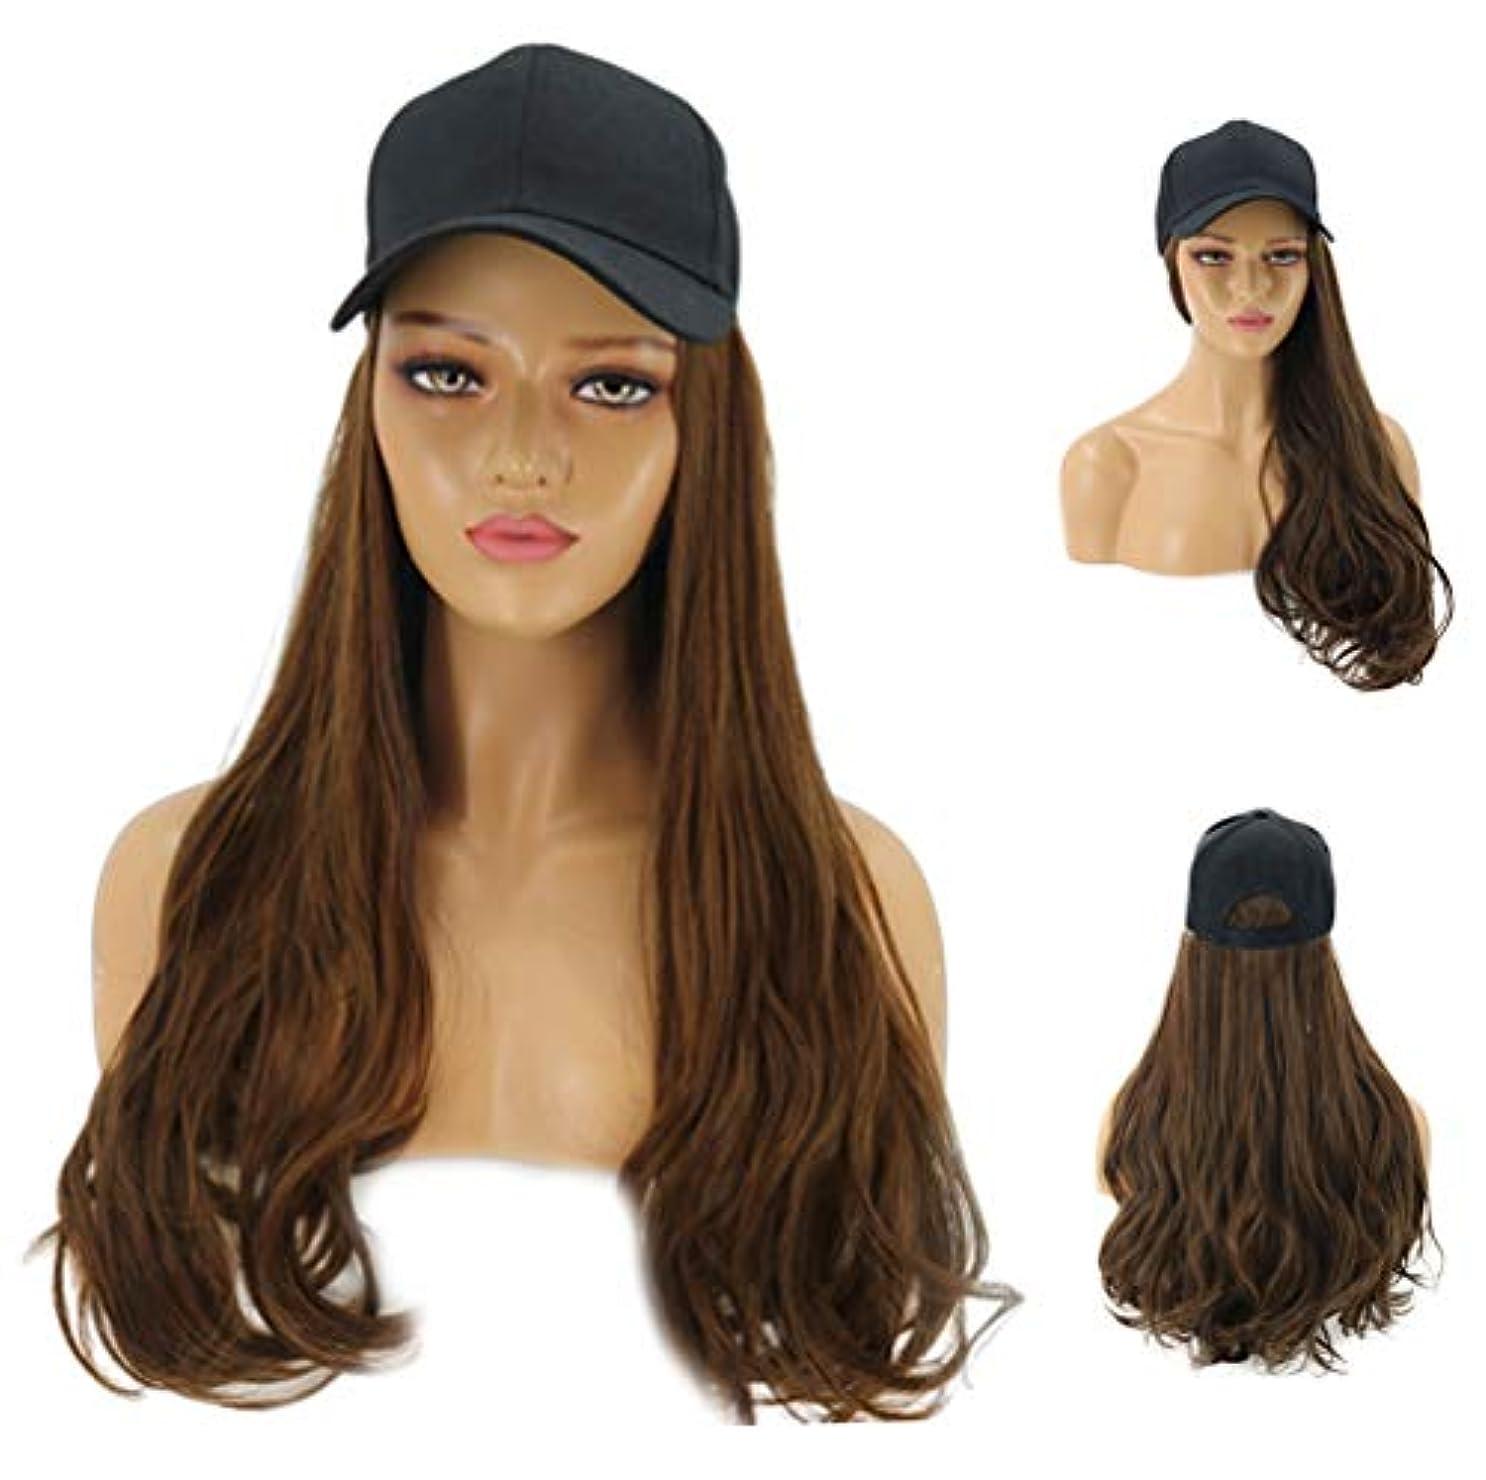 女性のファッショナブルな野球帽、長いウェーブのかかった髪の拡張機能、毎日のパーティー用の黒い帽子が付いた自然な人工毛